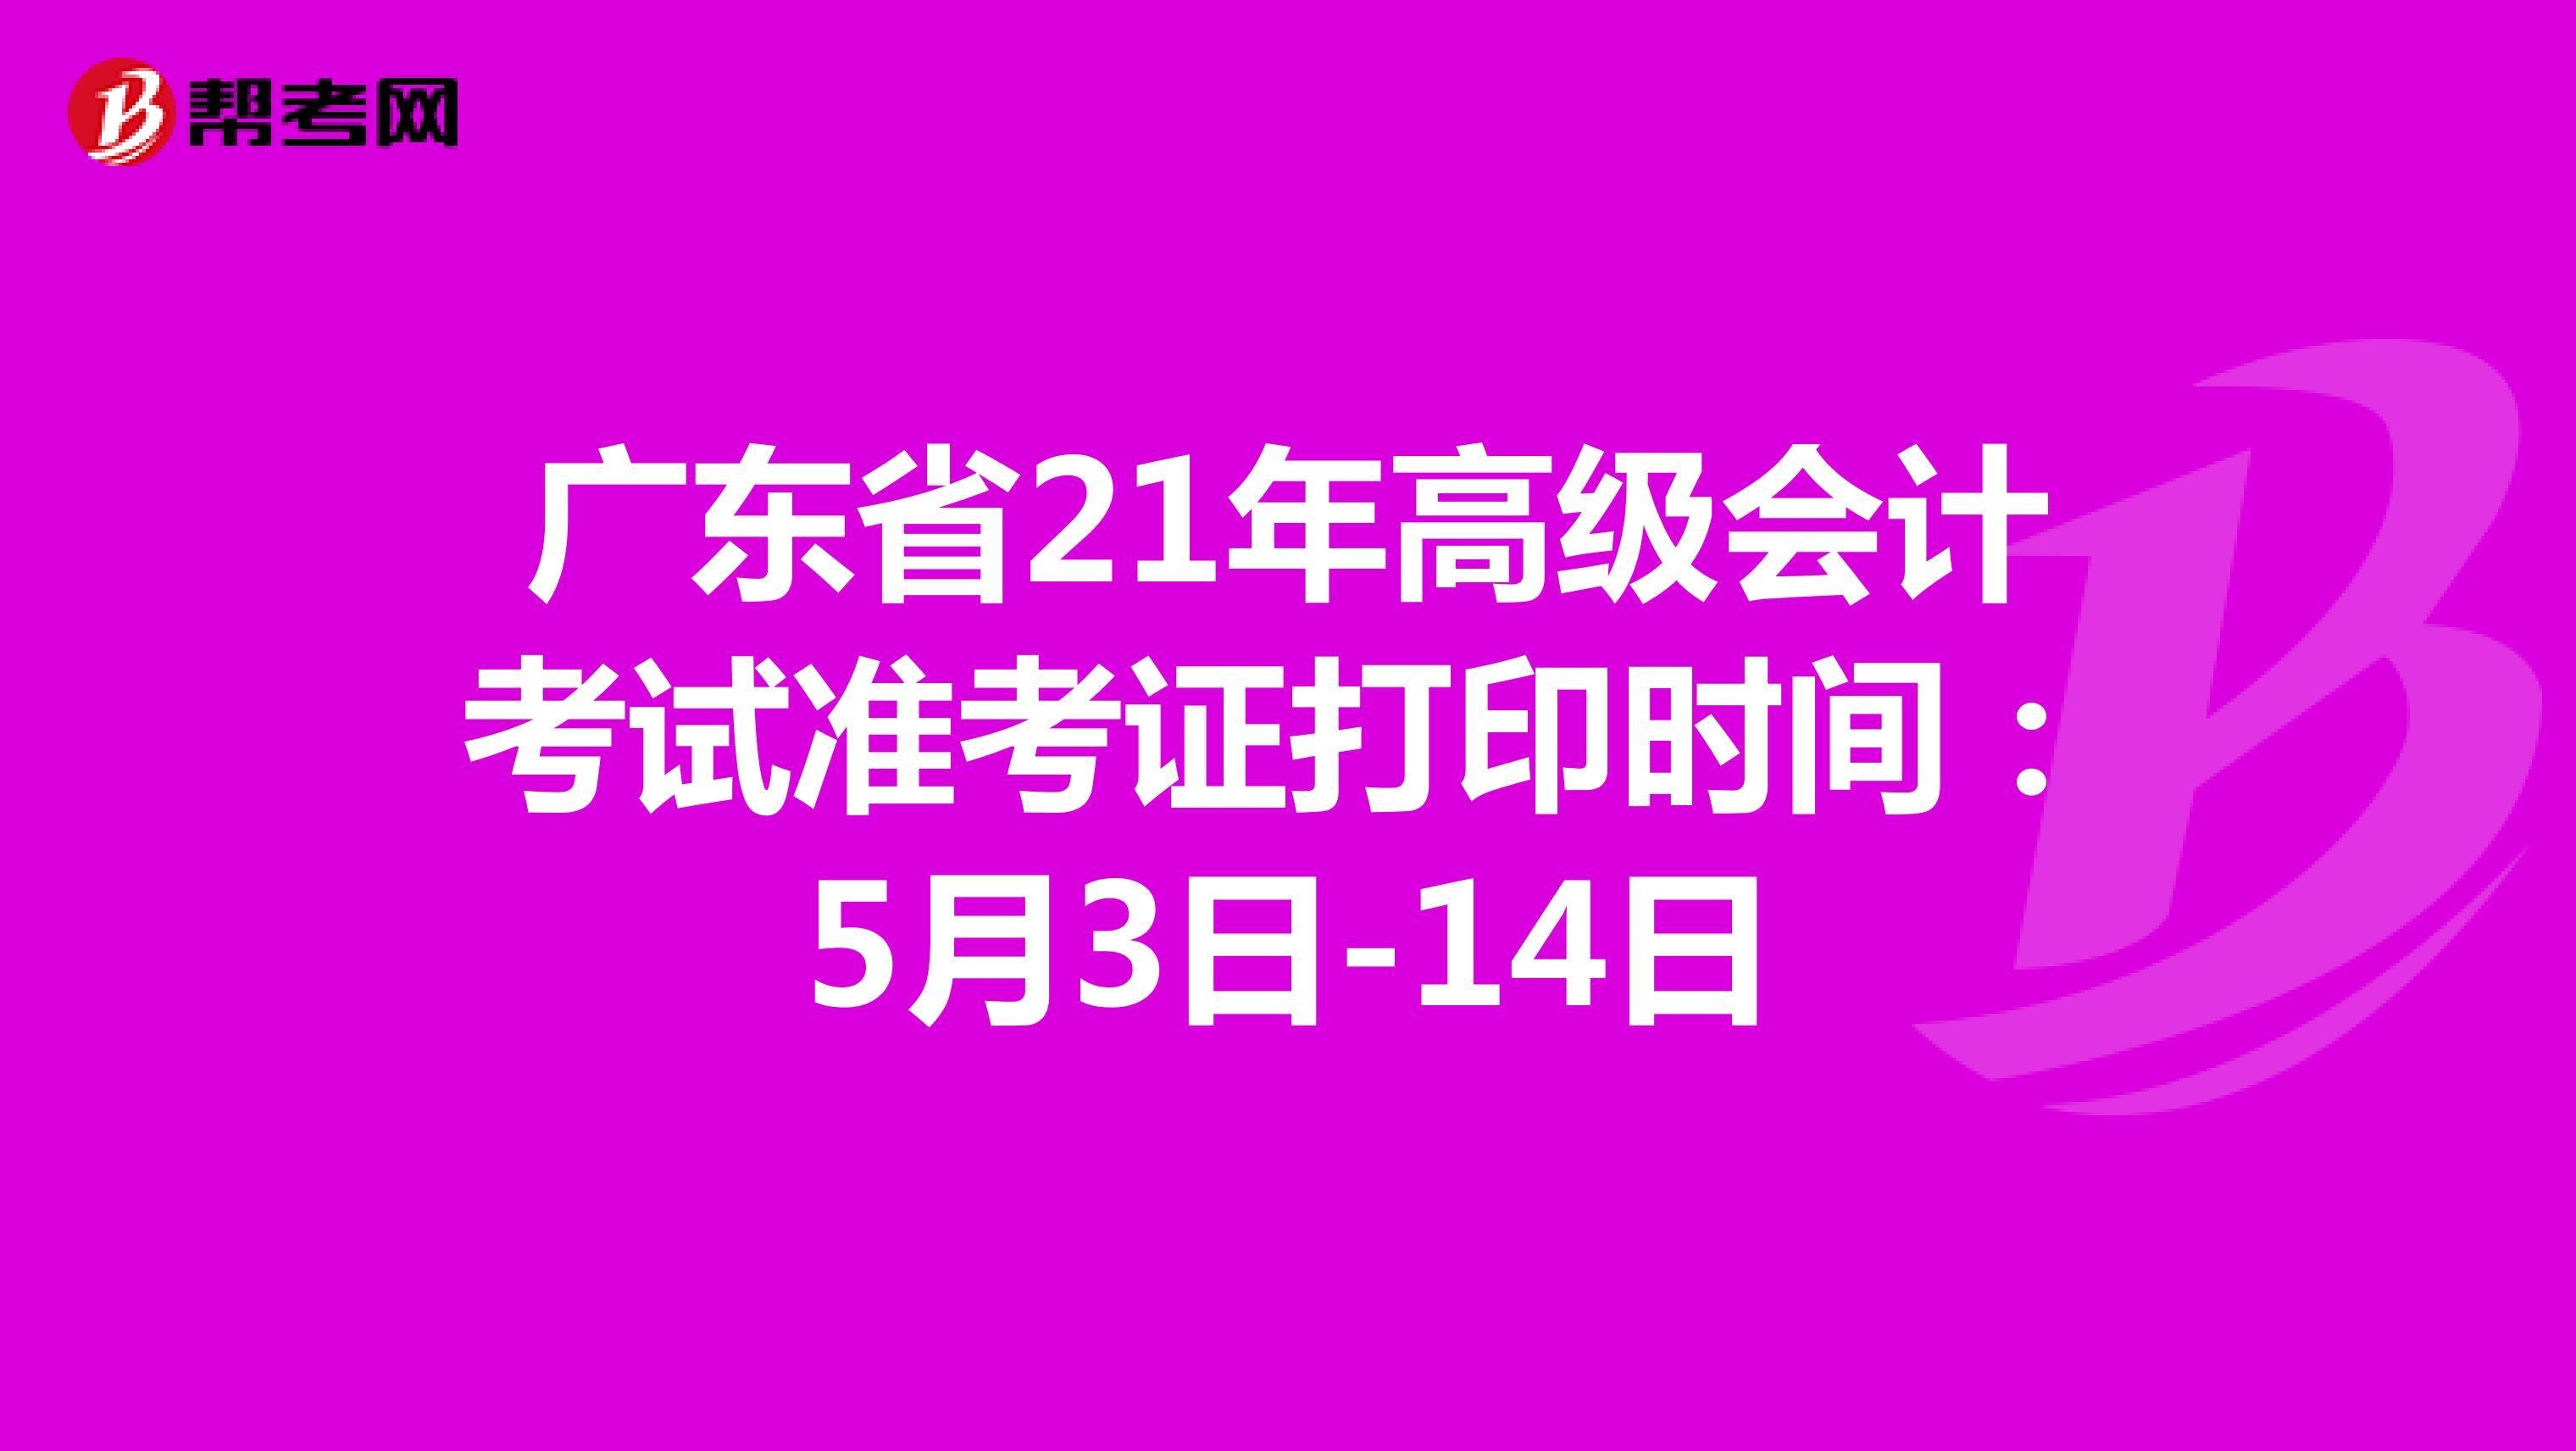 广东省21年高级会计考试准考证打印时间:5月3日-14日